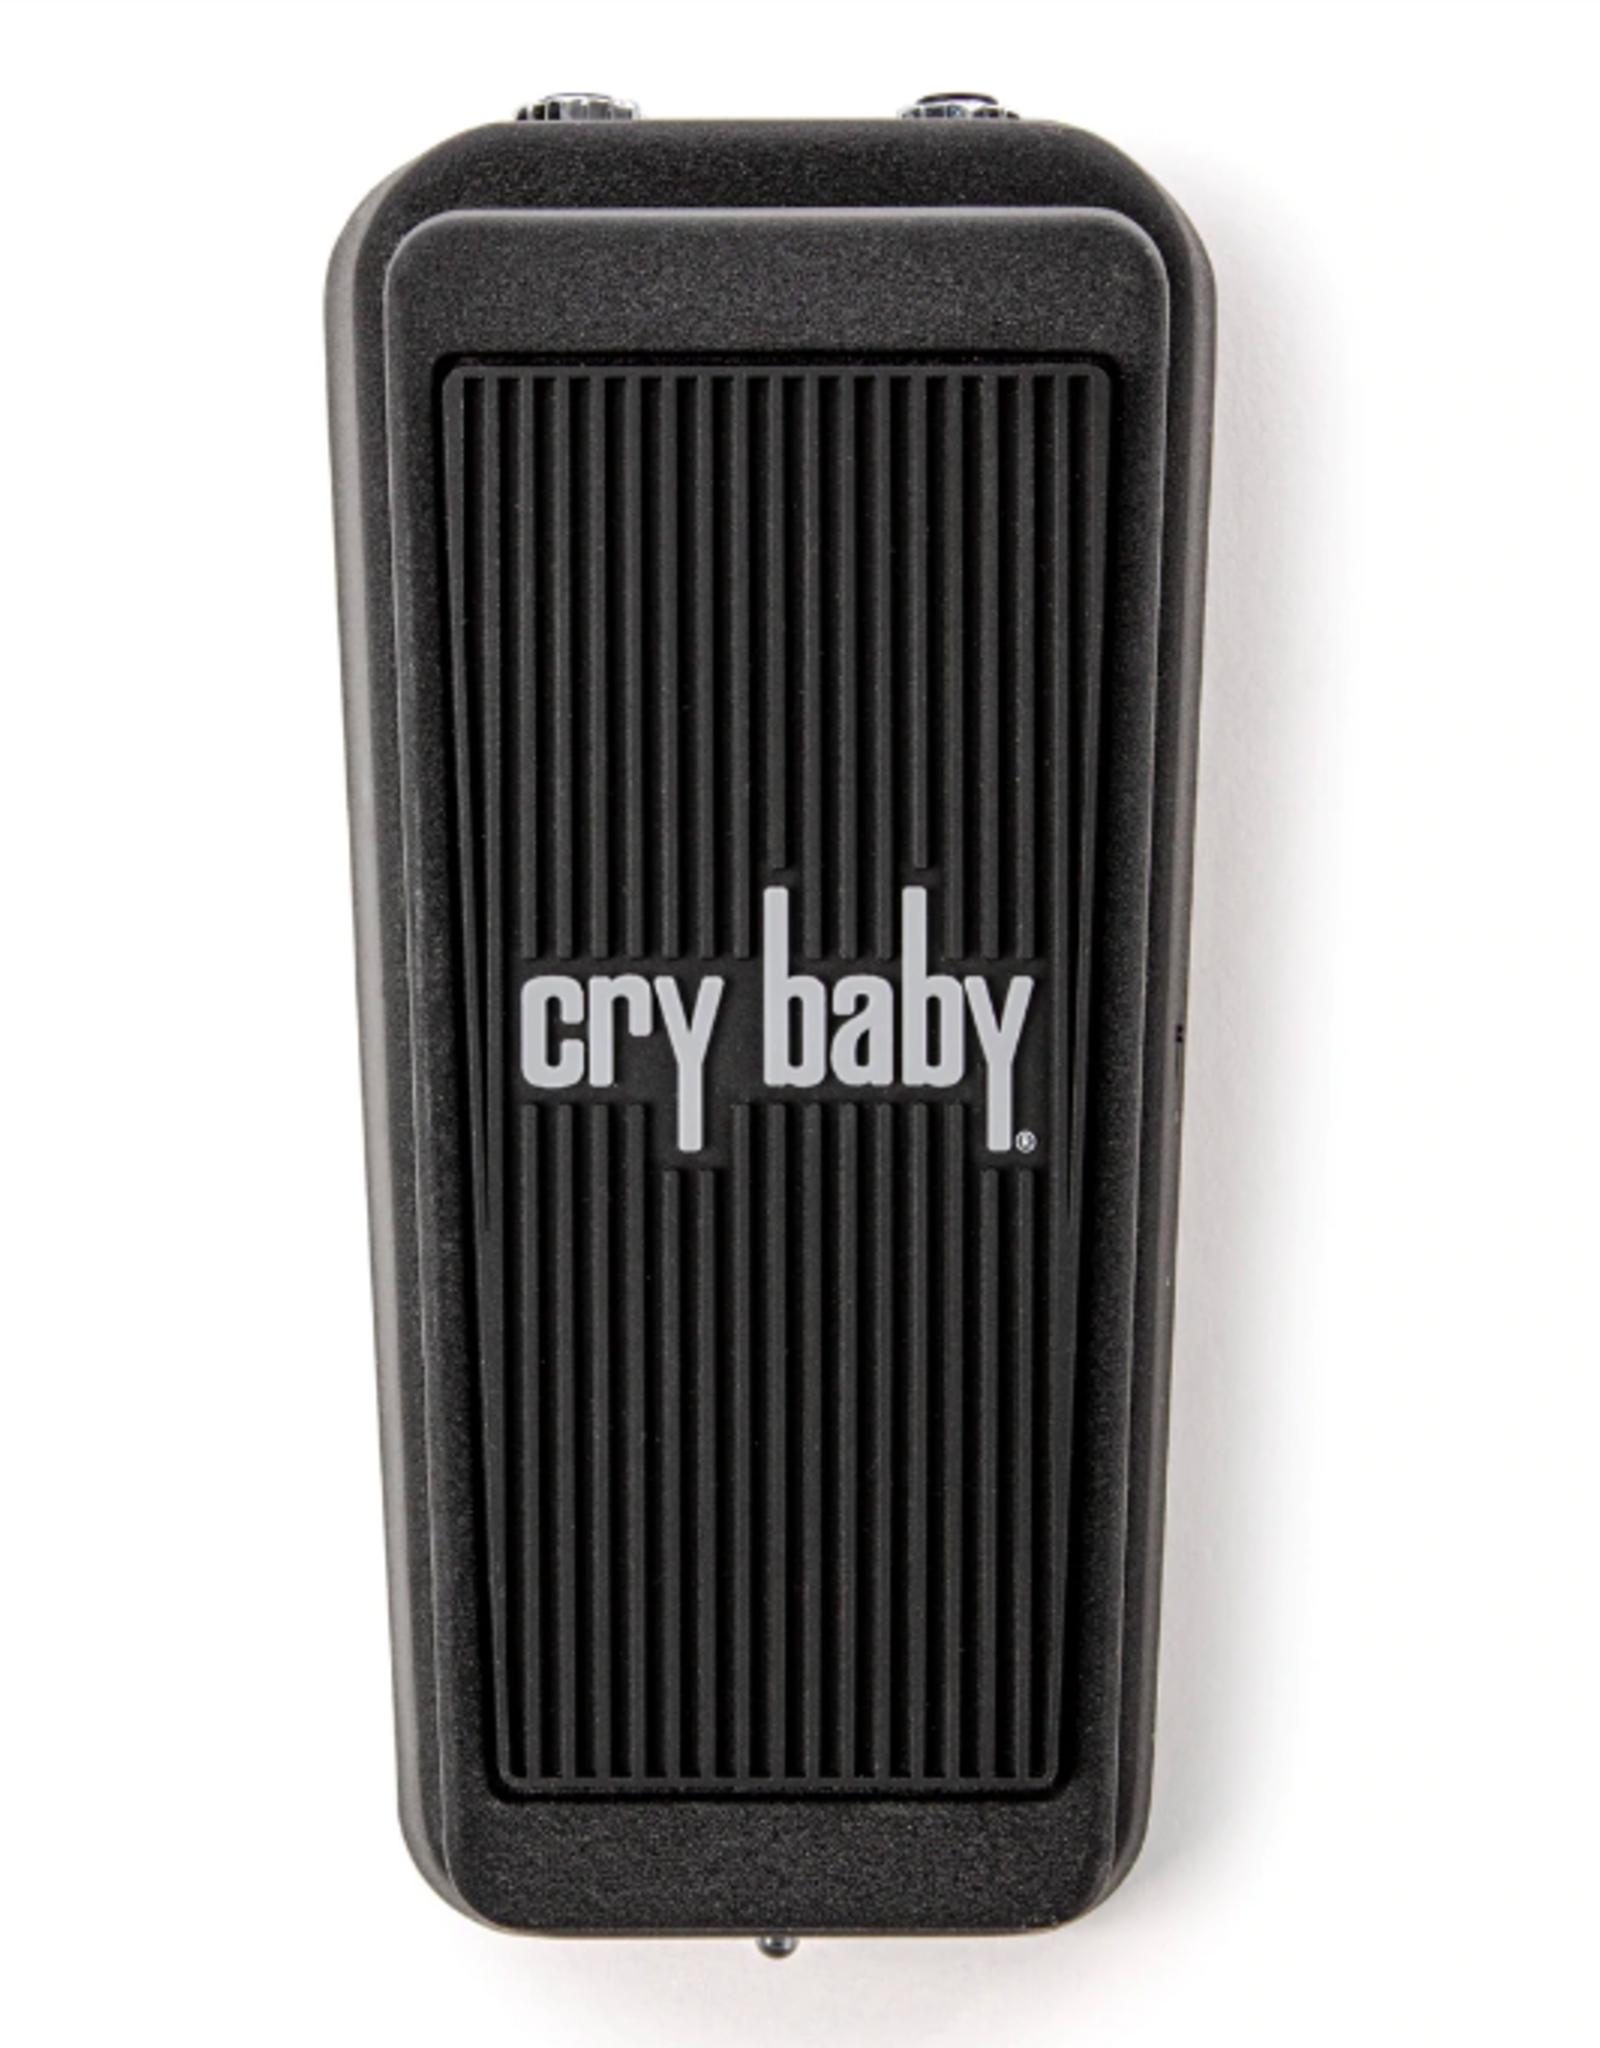 CRYBABY Crybaby Junior Wah